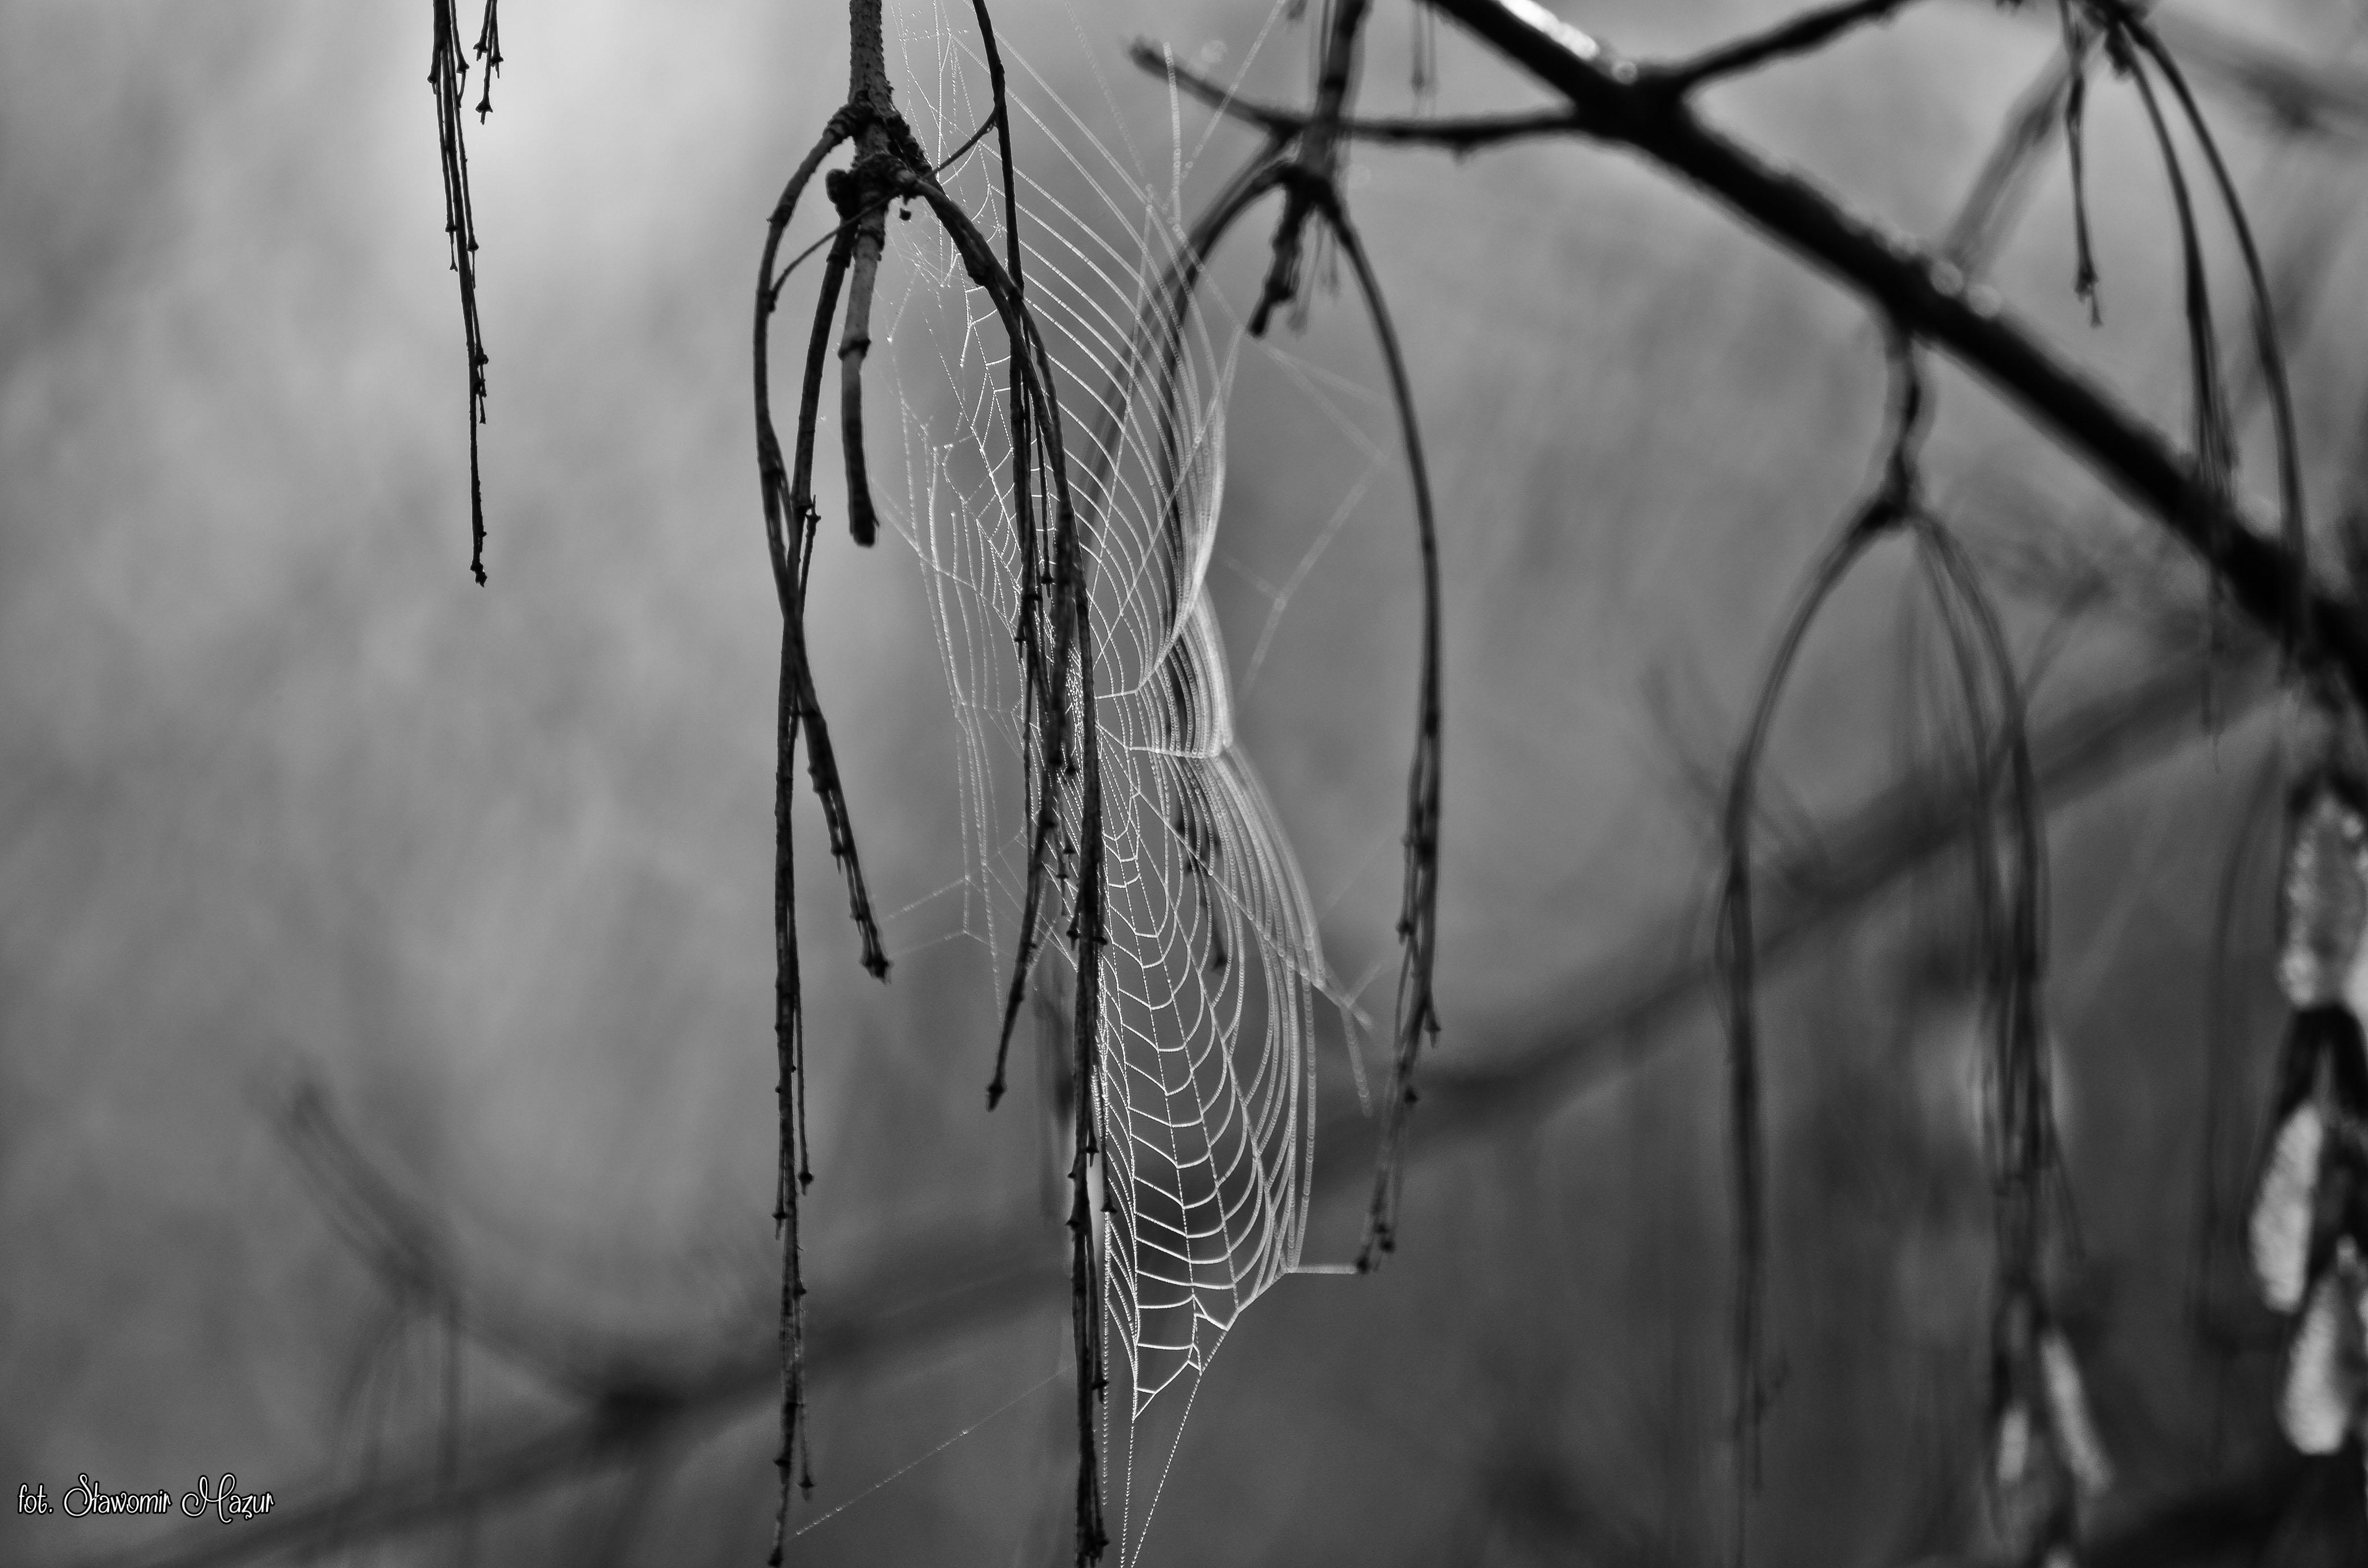 spider artist weaver